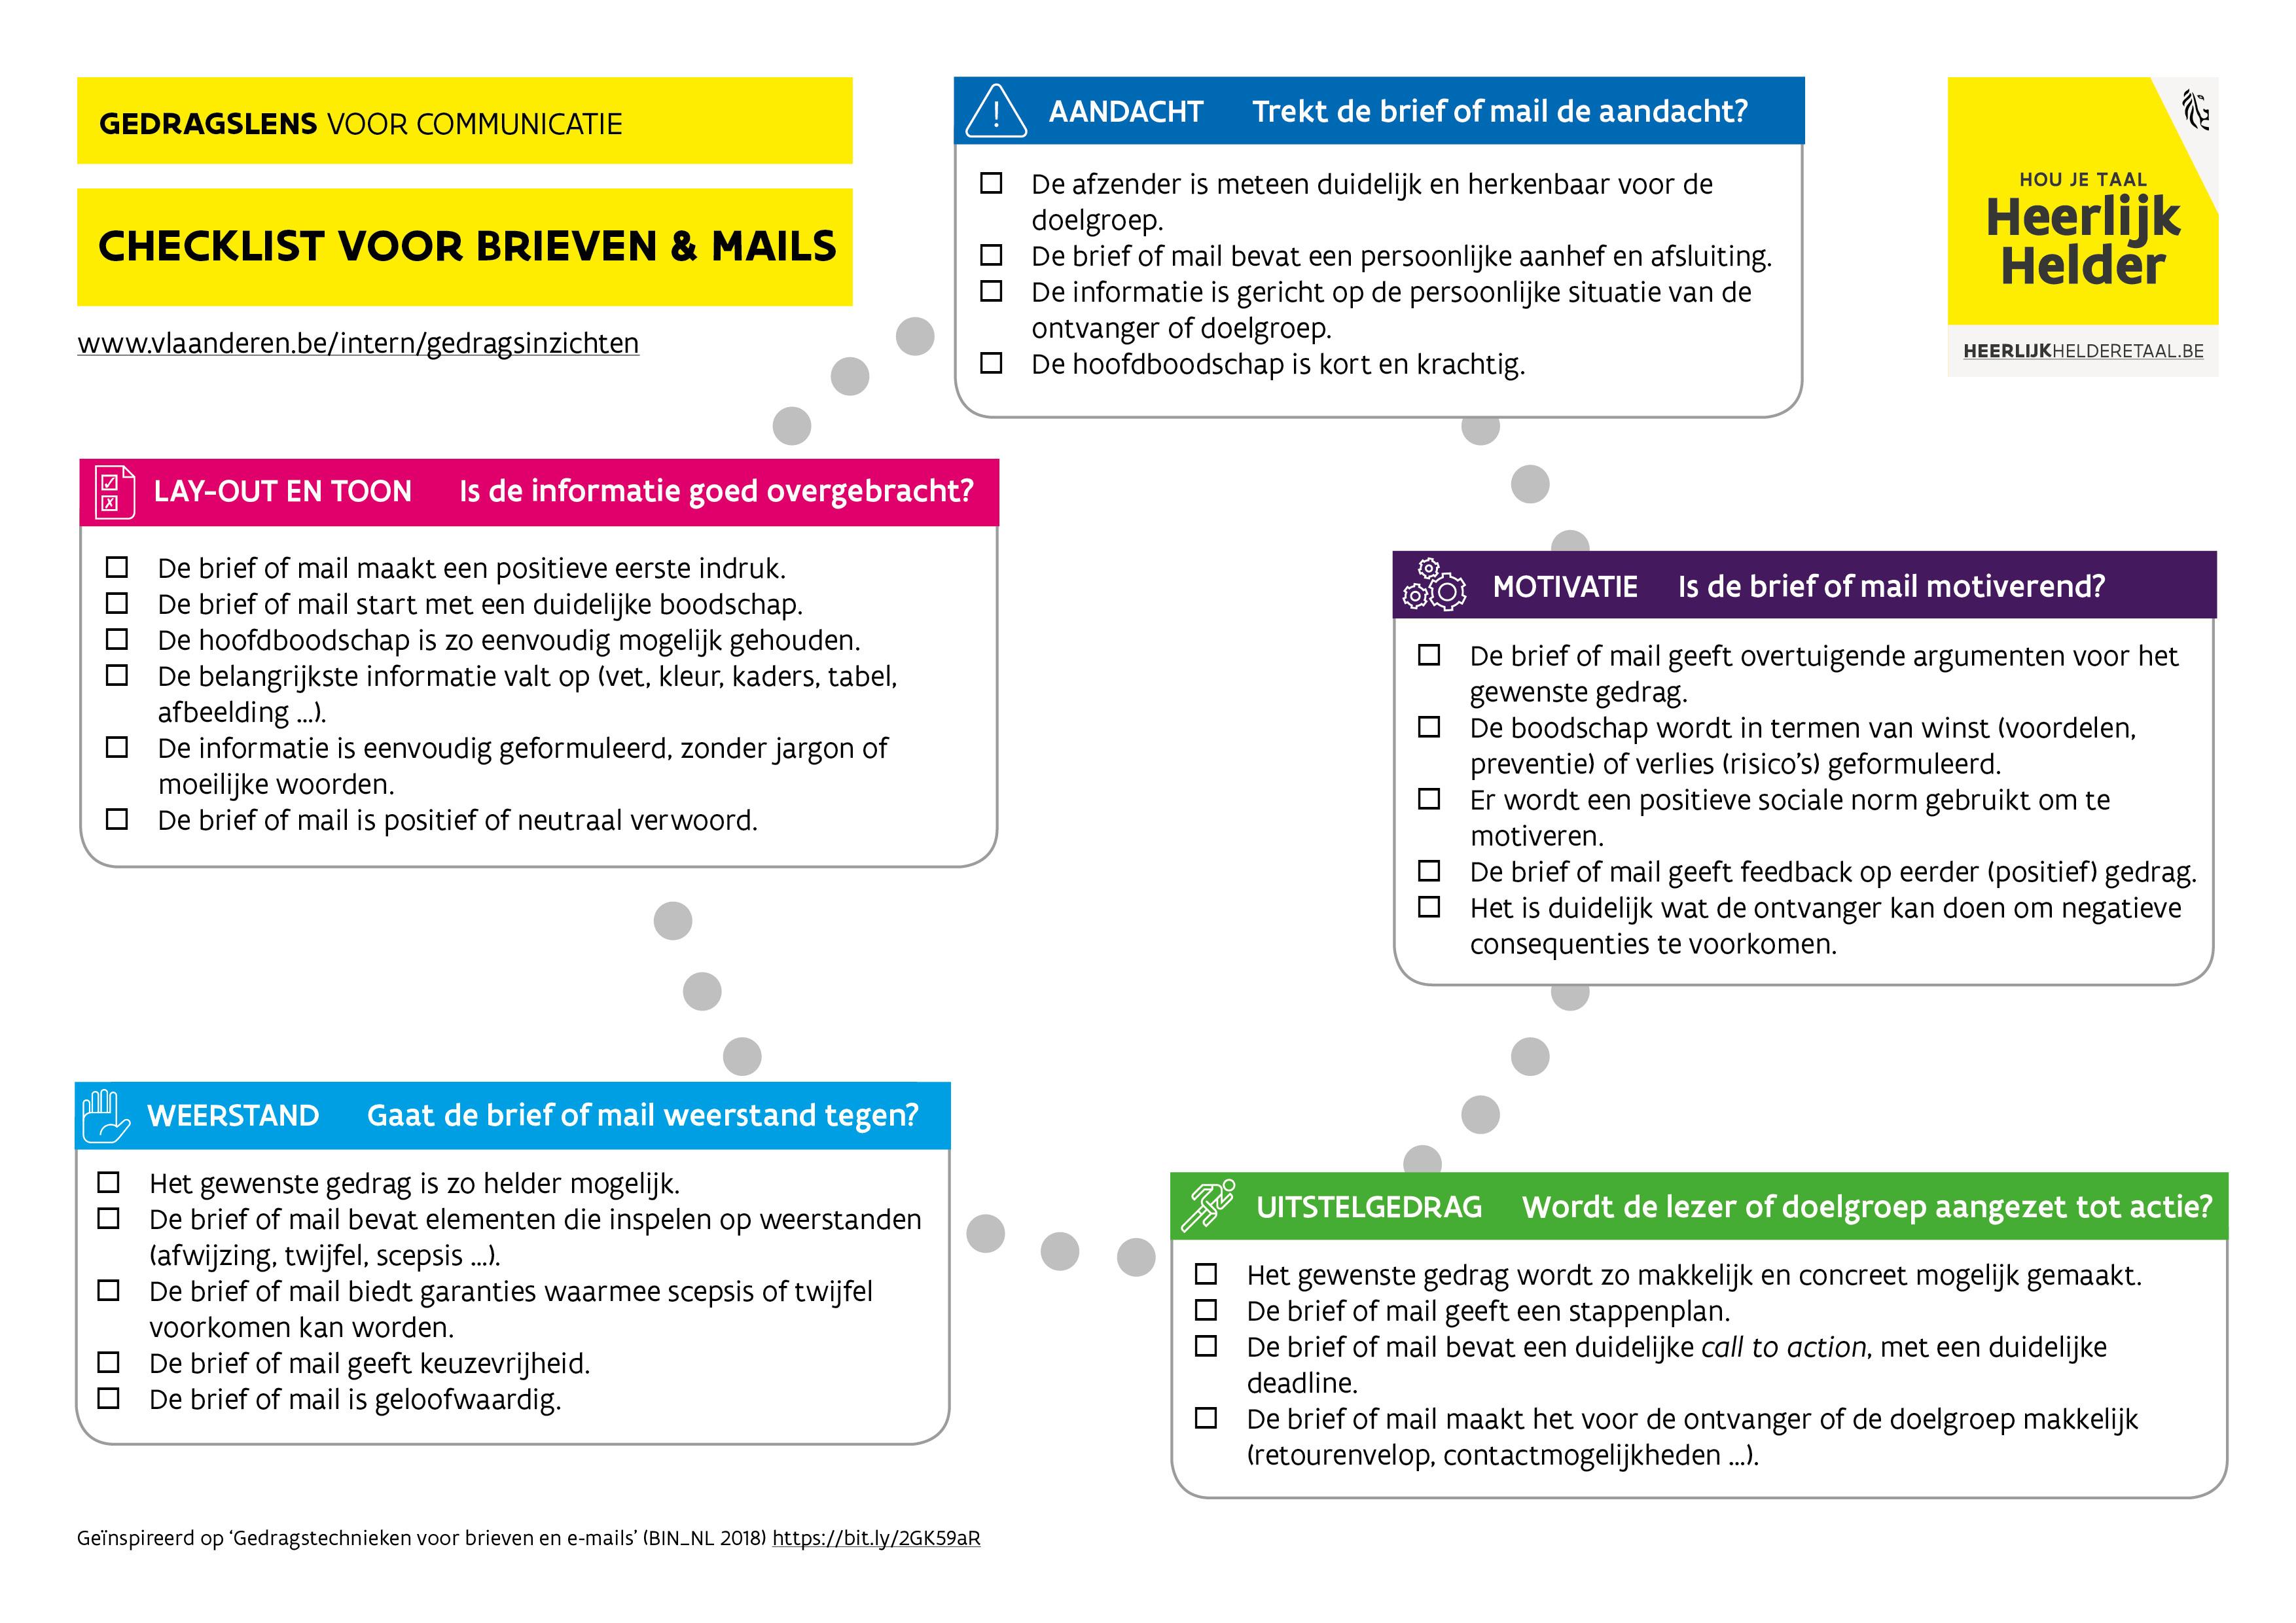 Gedragslens voor communicatie: checklist voor brieven en e-mails (Vlaamse overheid: DKB-team Gedragsinzichten 2018-12-06)